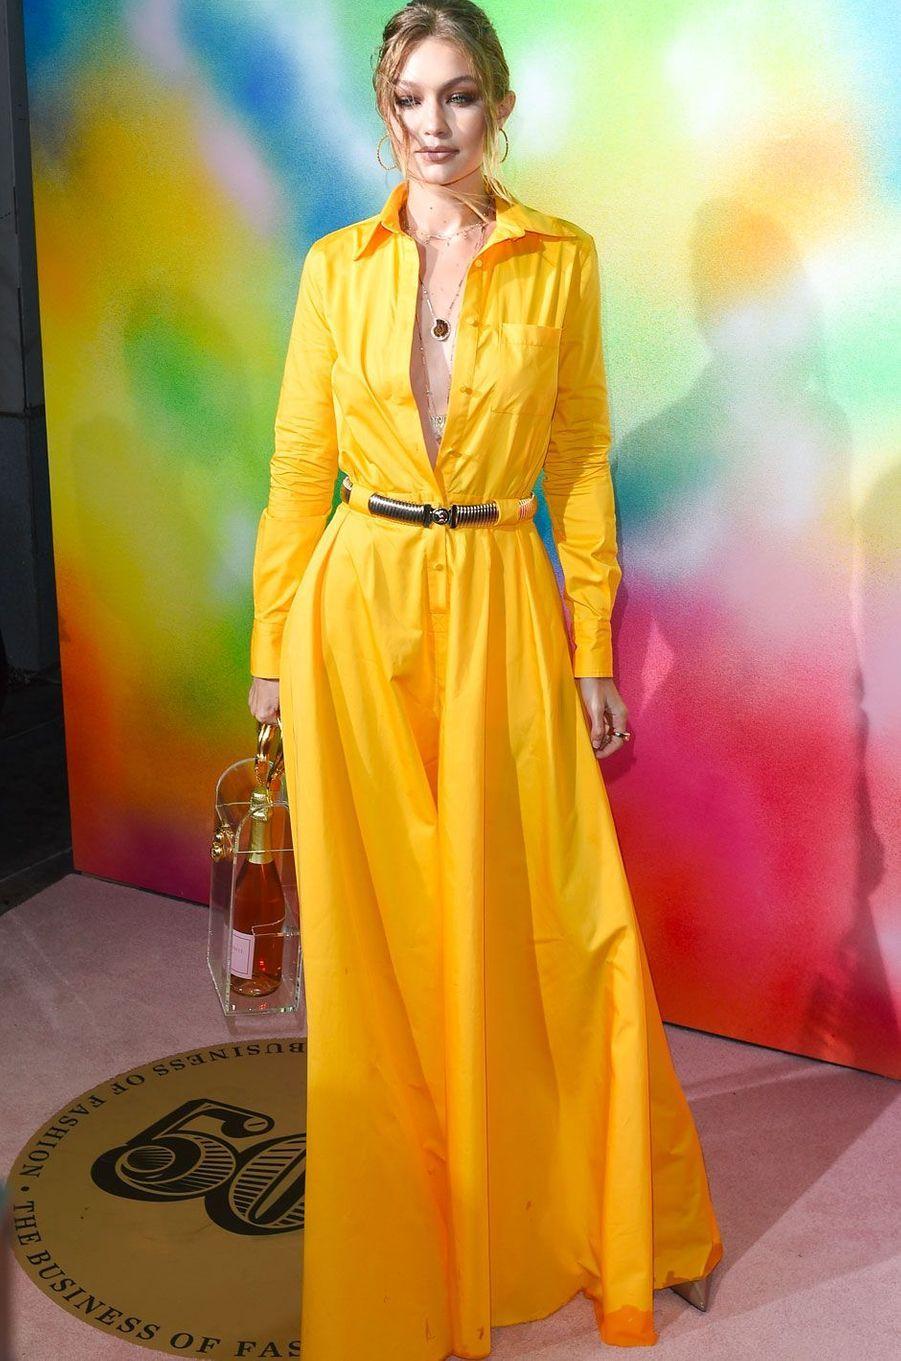 Gigi Hadid à la soirée Business of Fashion, à New York le 9 septembre 2018